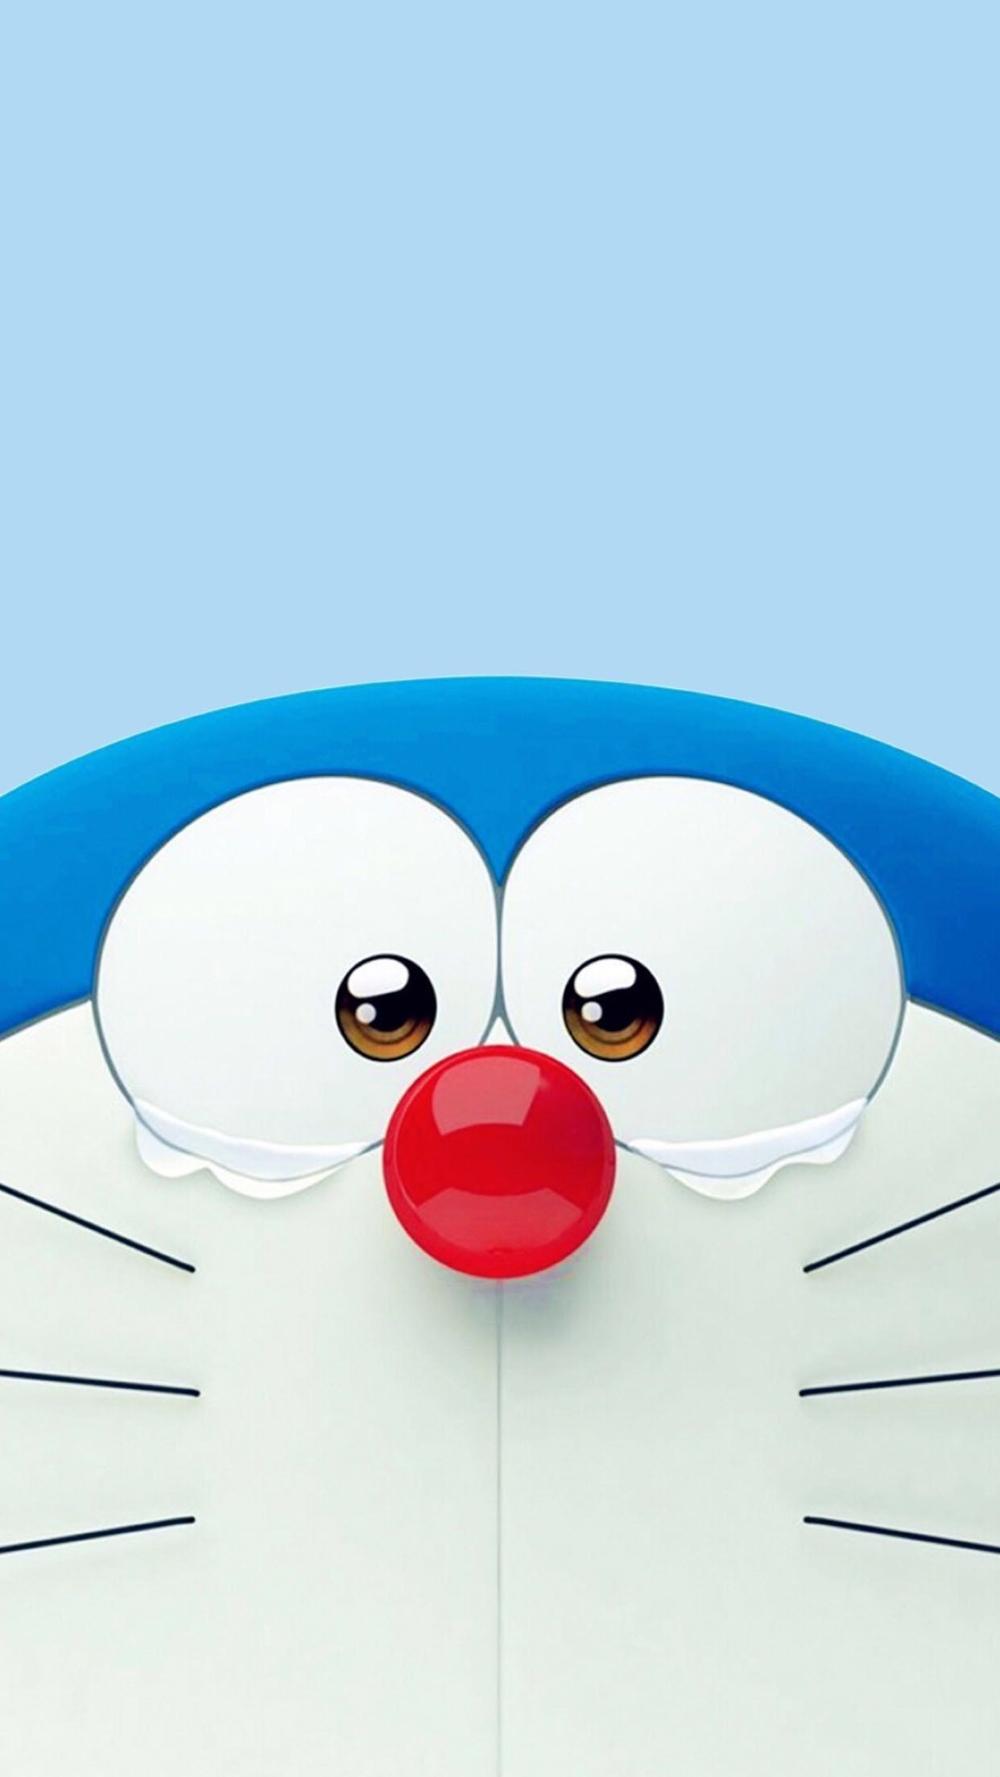 Doraemon Background For Phone